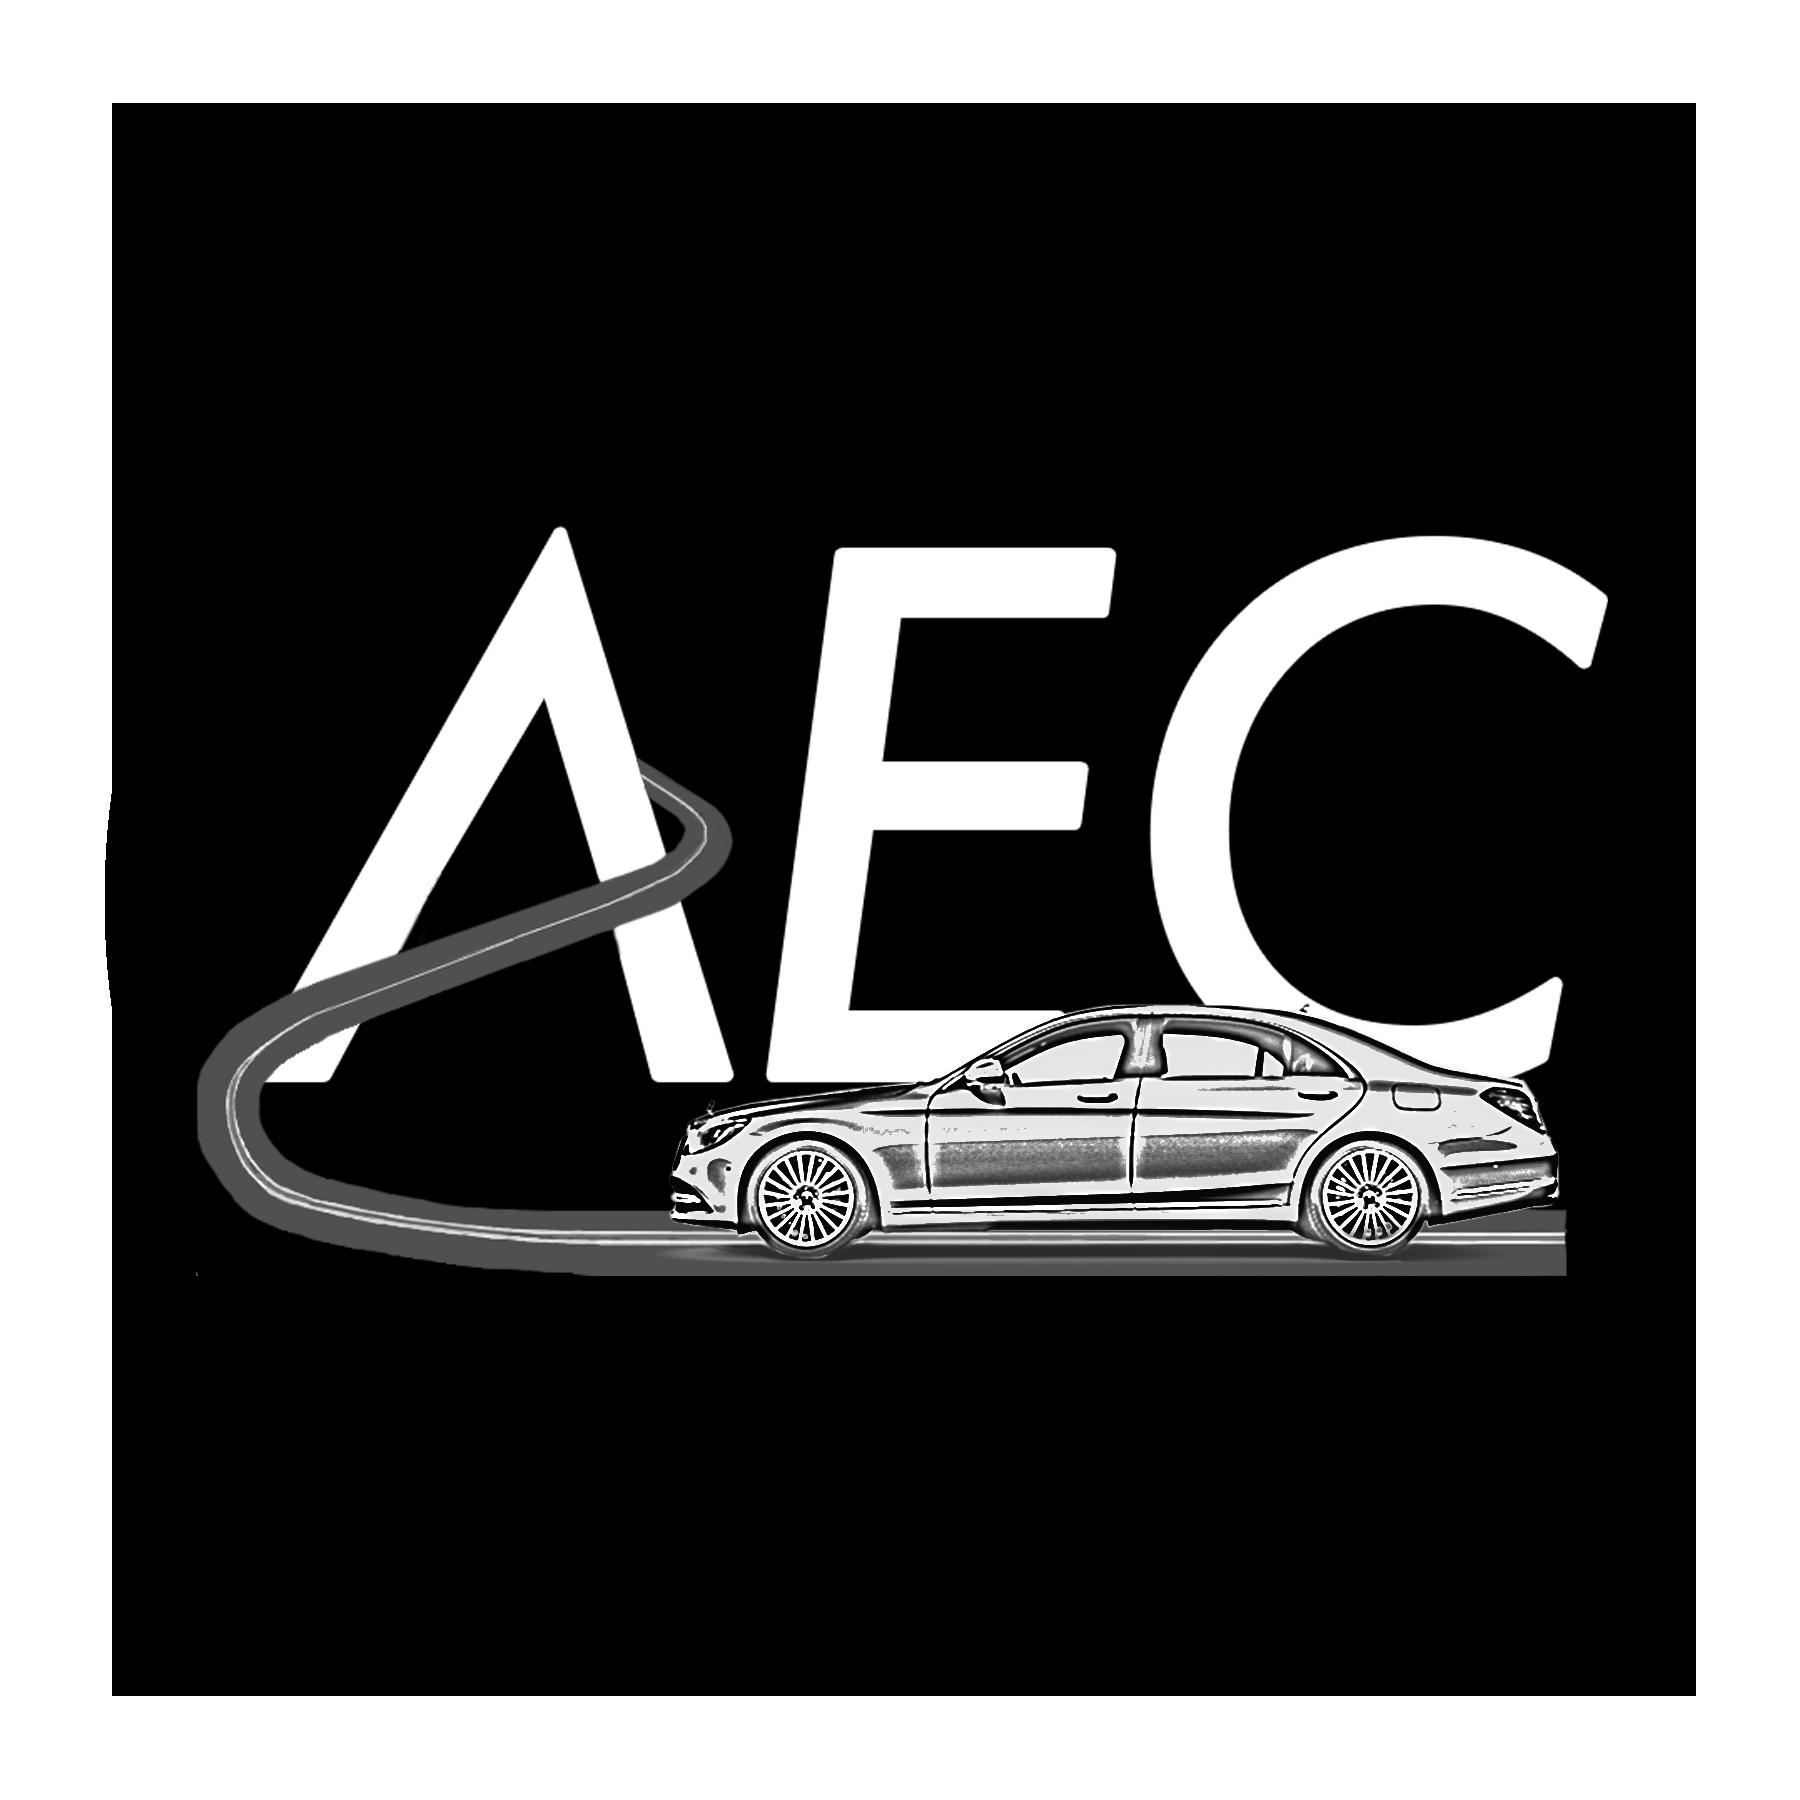 Разработка логотипа автомобильной компании фото f_4545d5319dfaf807.png